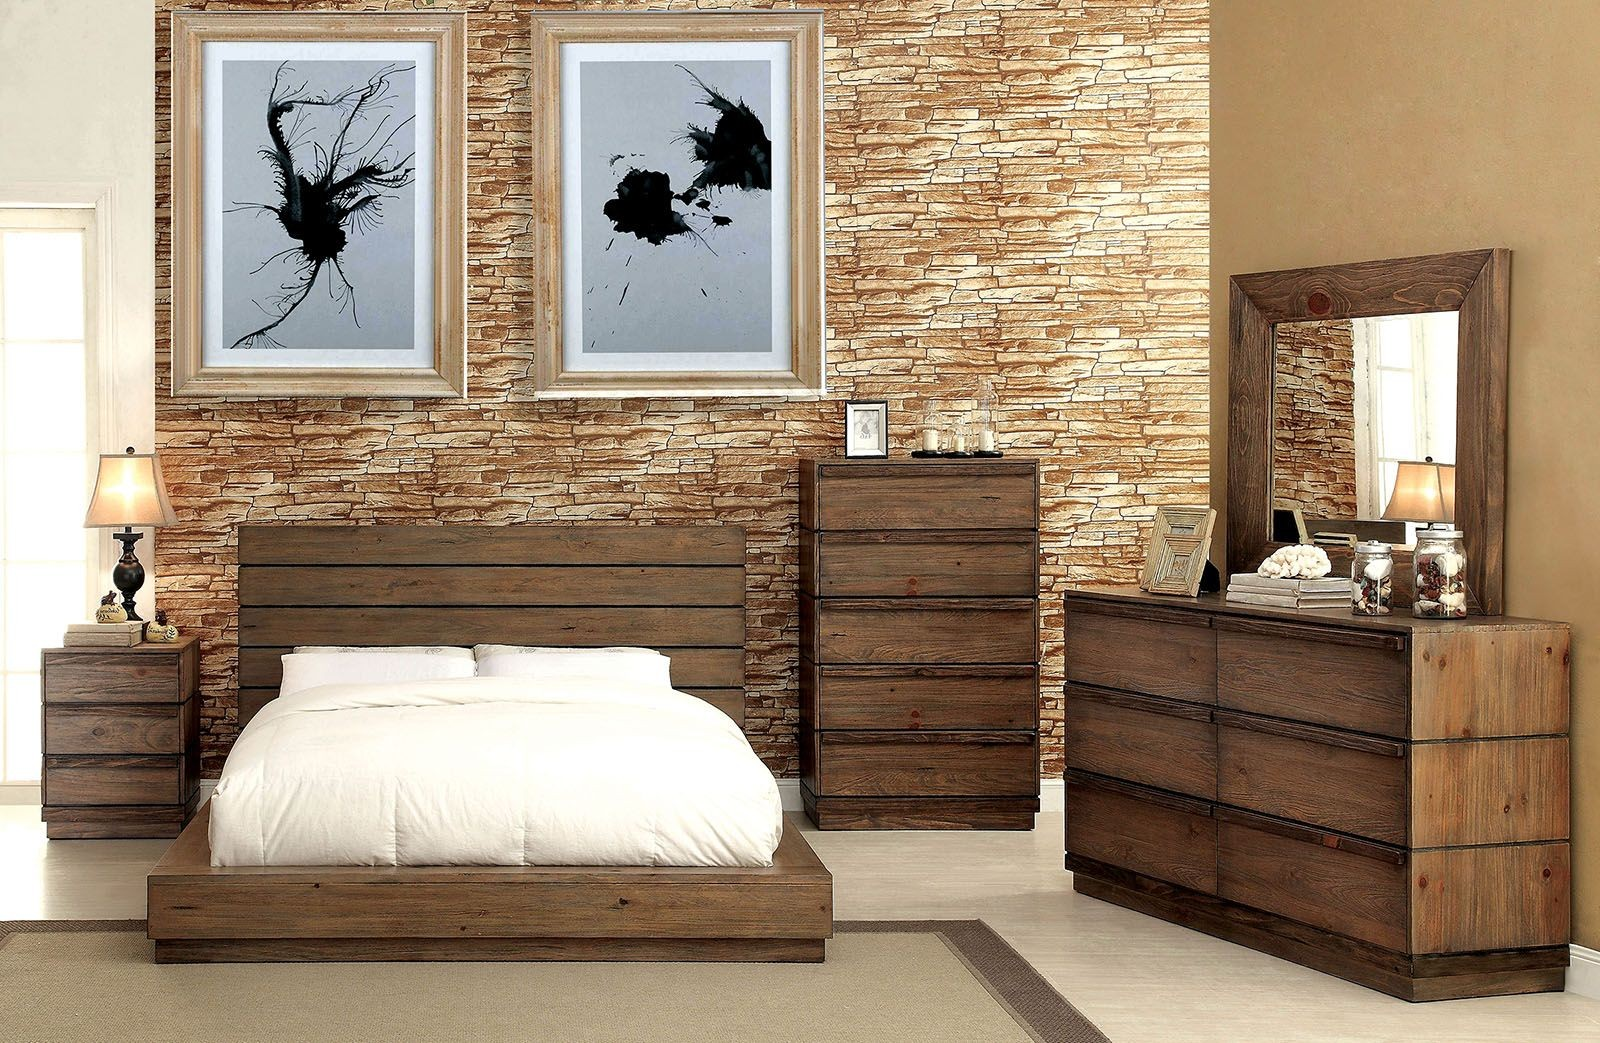 Coimbra Rustic Natural Bedroom Set CM7623Q Furniture of America